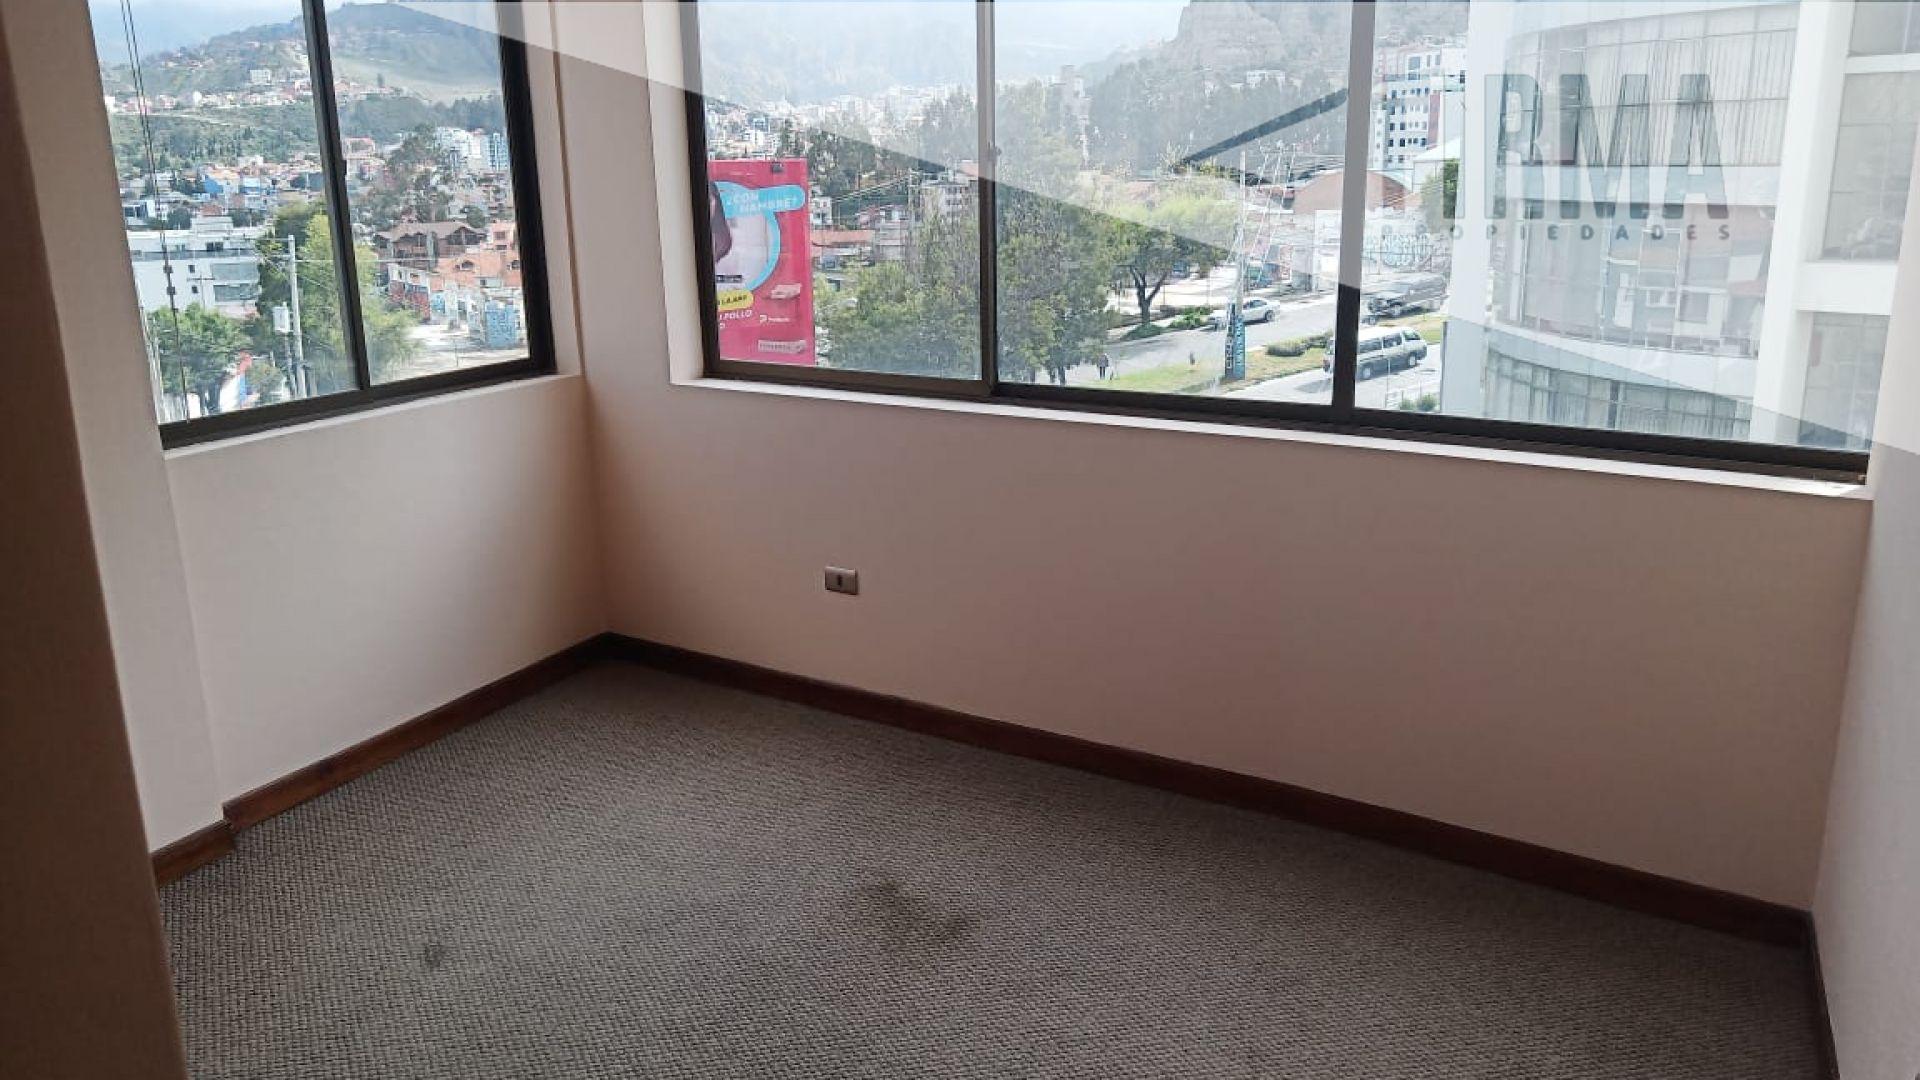 Departamento en Alquiler ALQUILA ESTE DEPARTAMENTO EN CALACOTO Foto 1